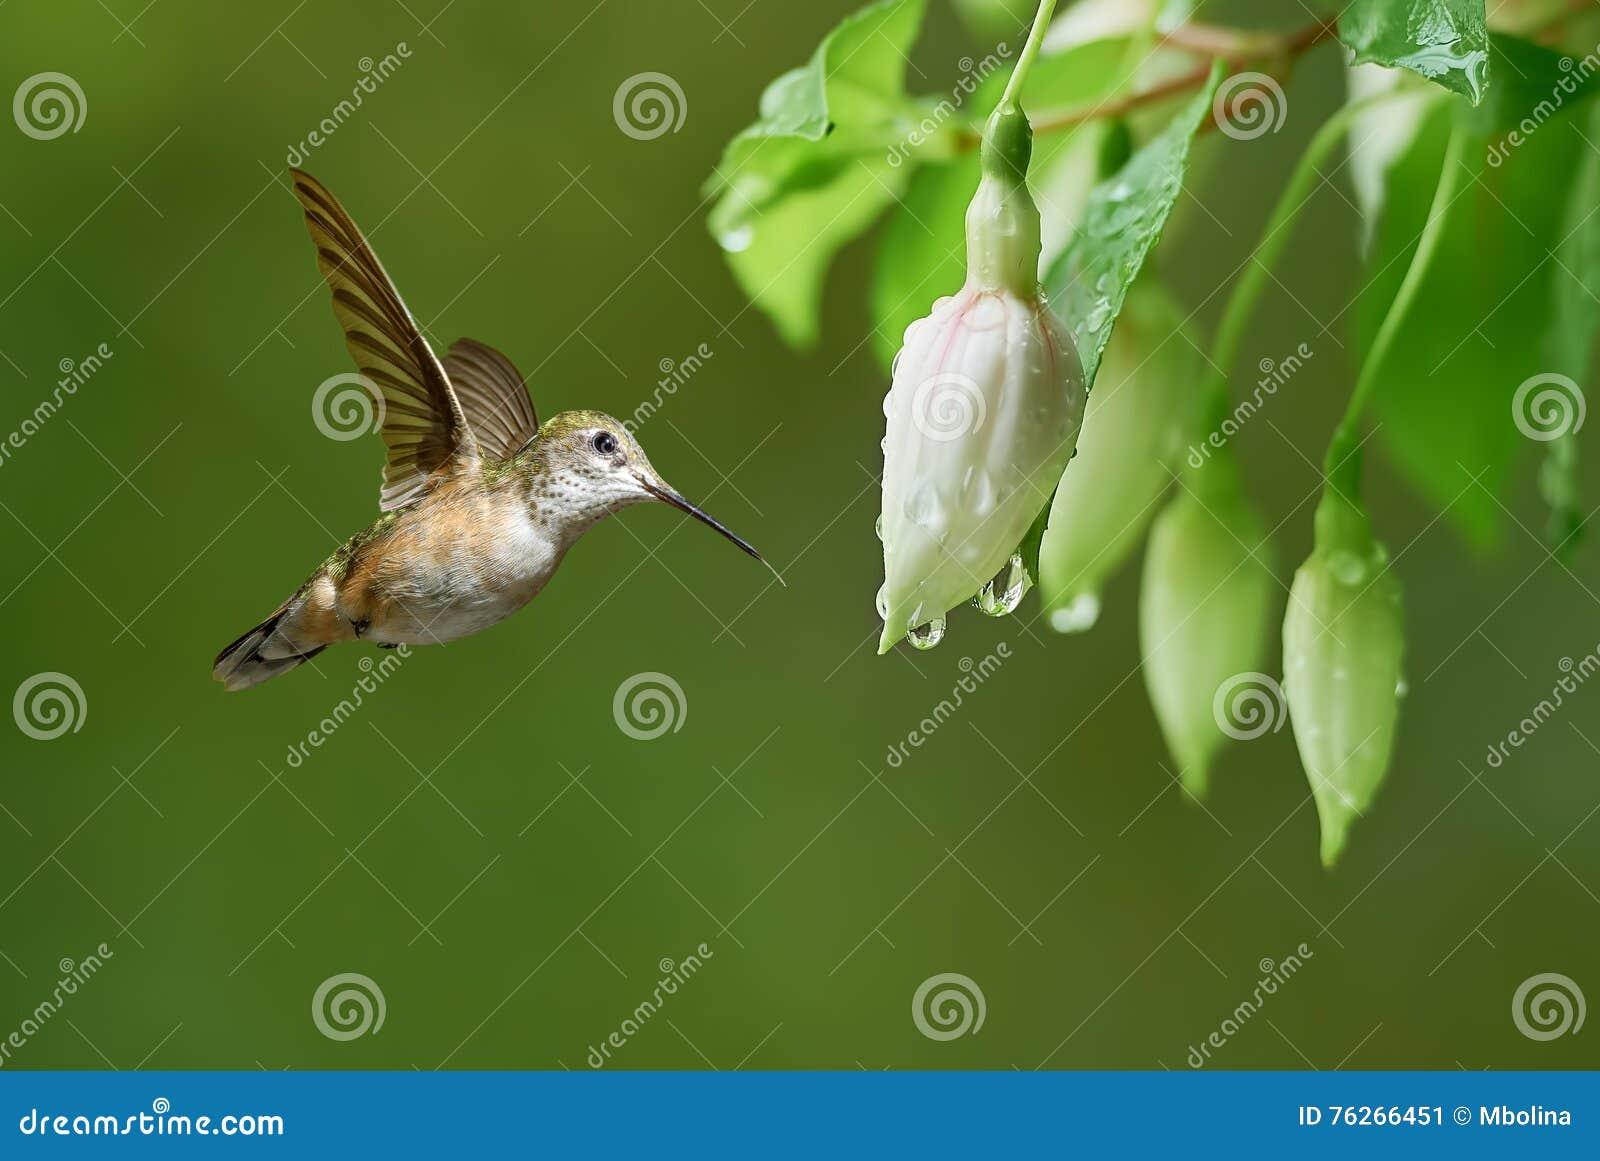 Piccolo colibrì variopinto con le piume iridescenti